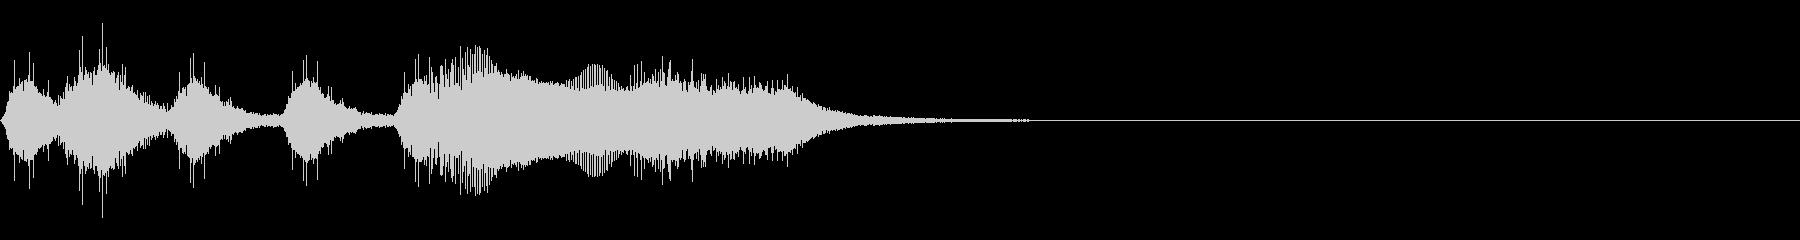 レベルアップファンファーレ【1】の未再生の波形